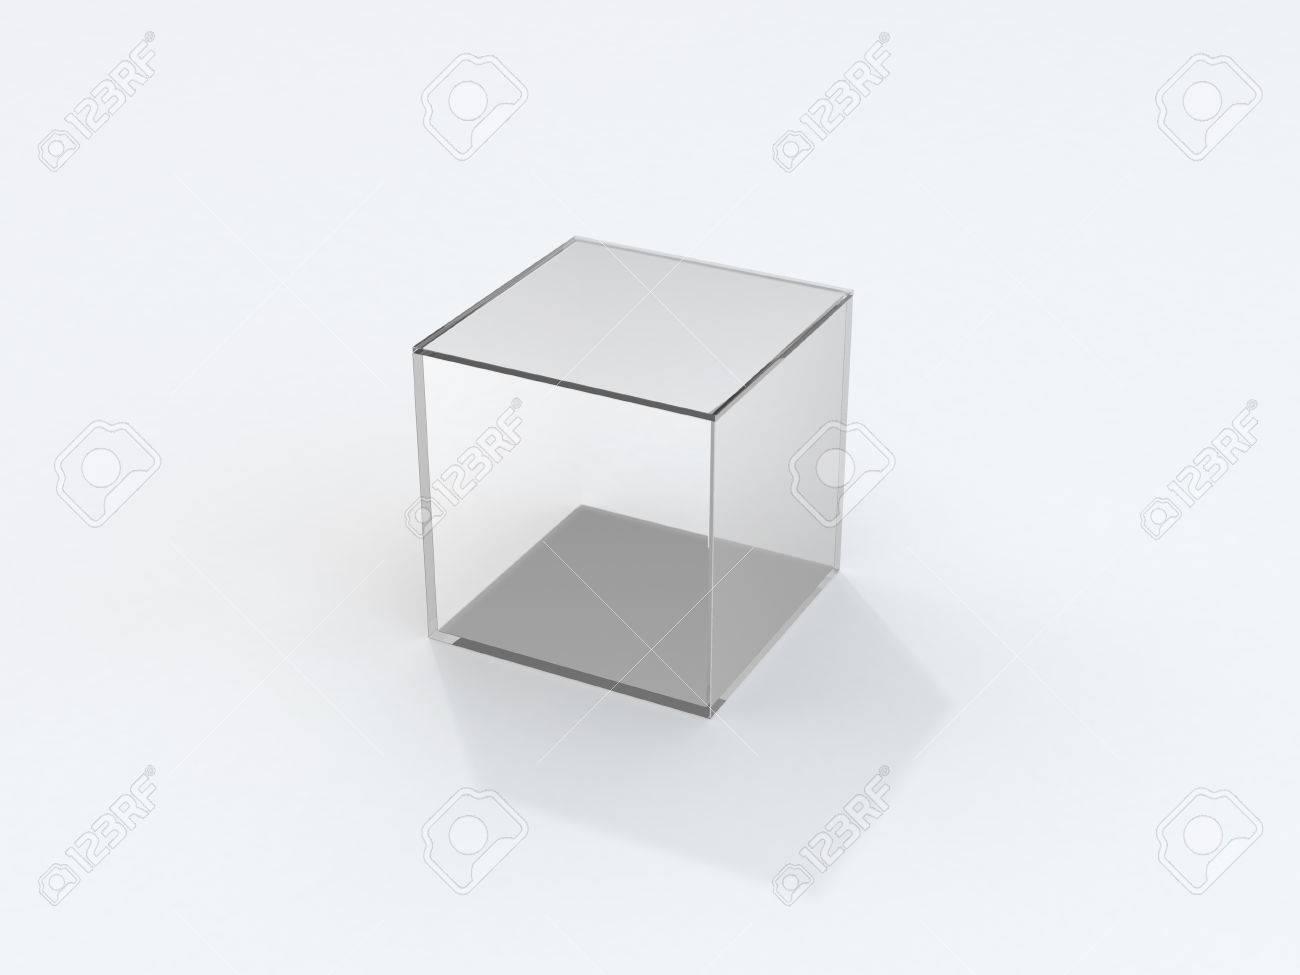 Glazen Kubus Met Foto.Geisoleerde Transparante Glazen Kubus Met Schaduw Over White